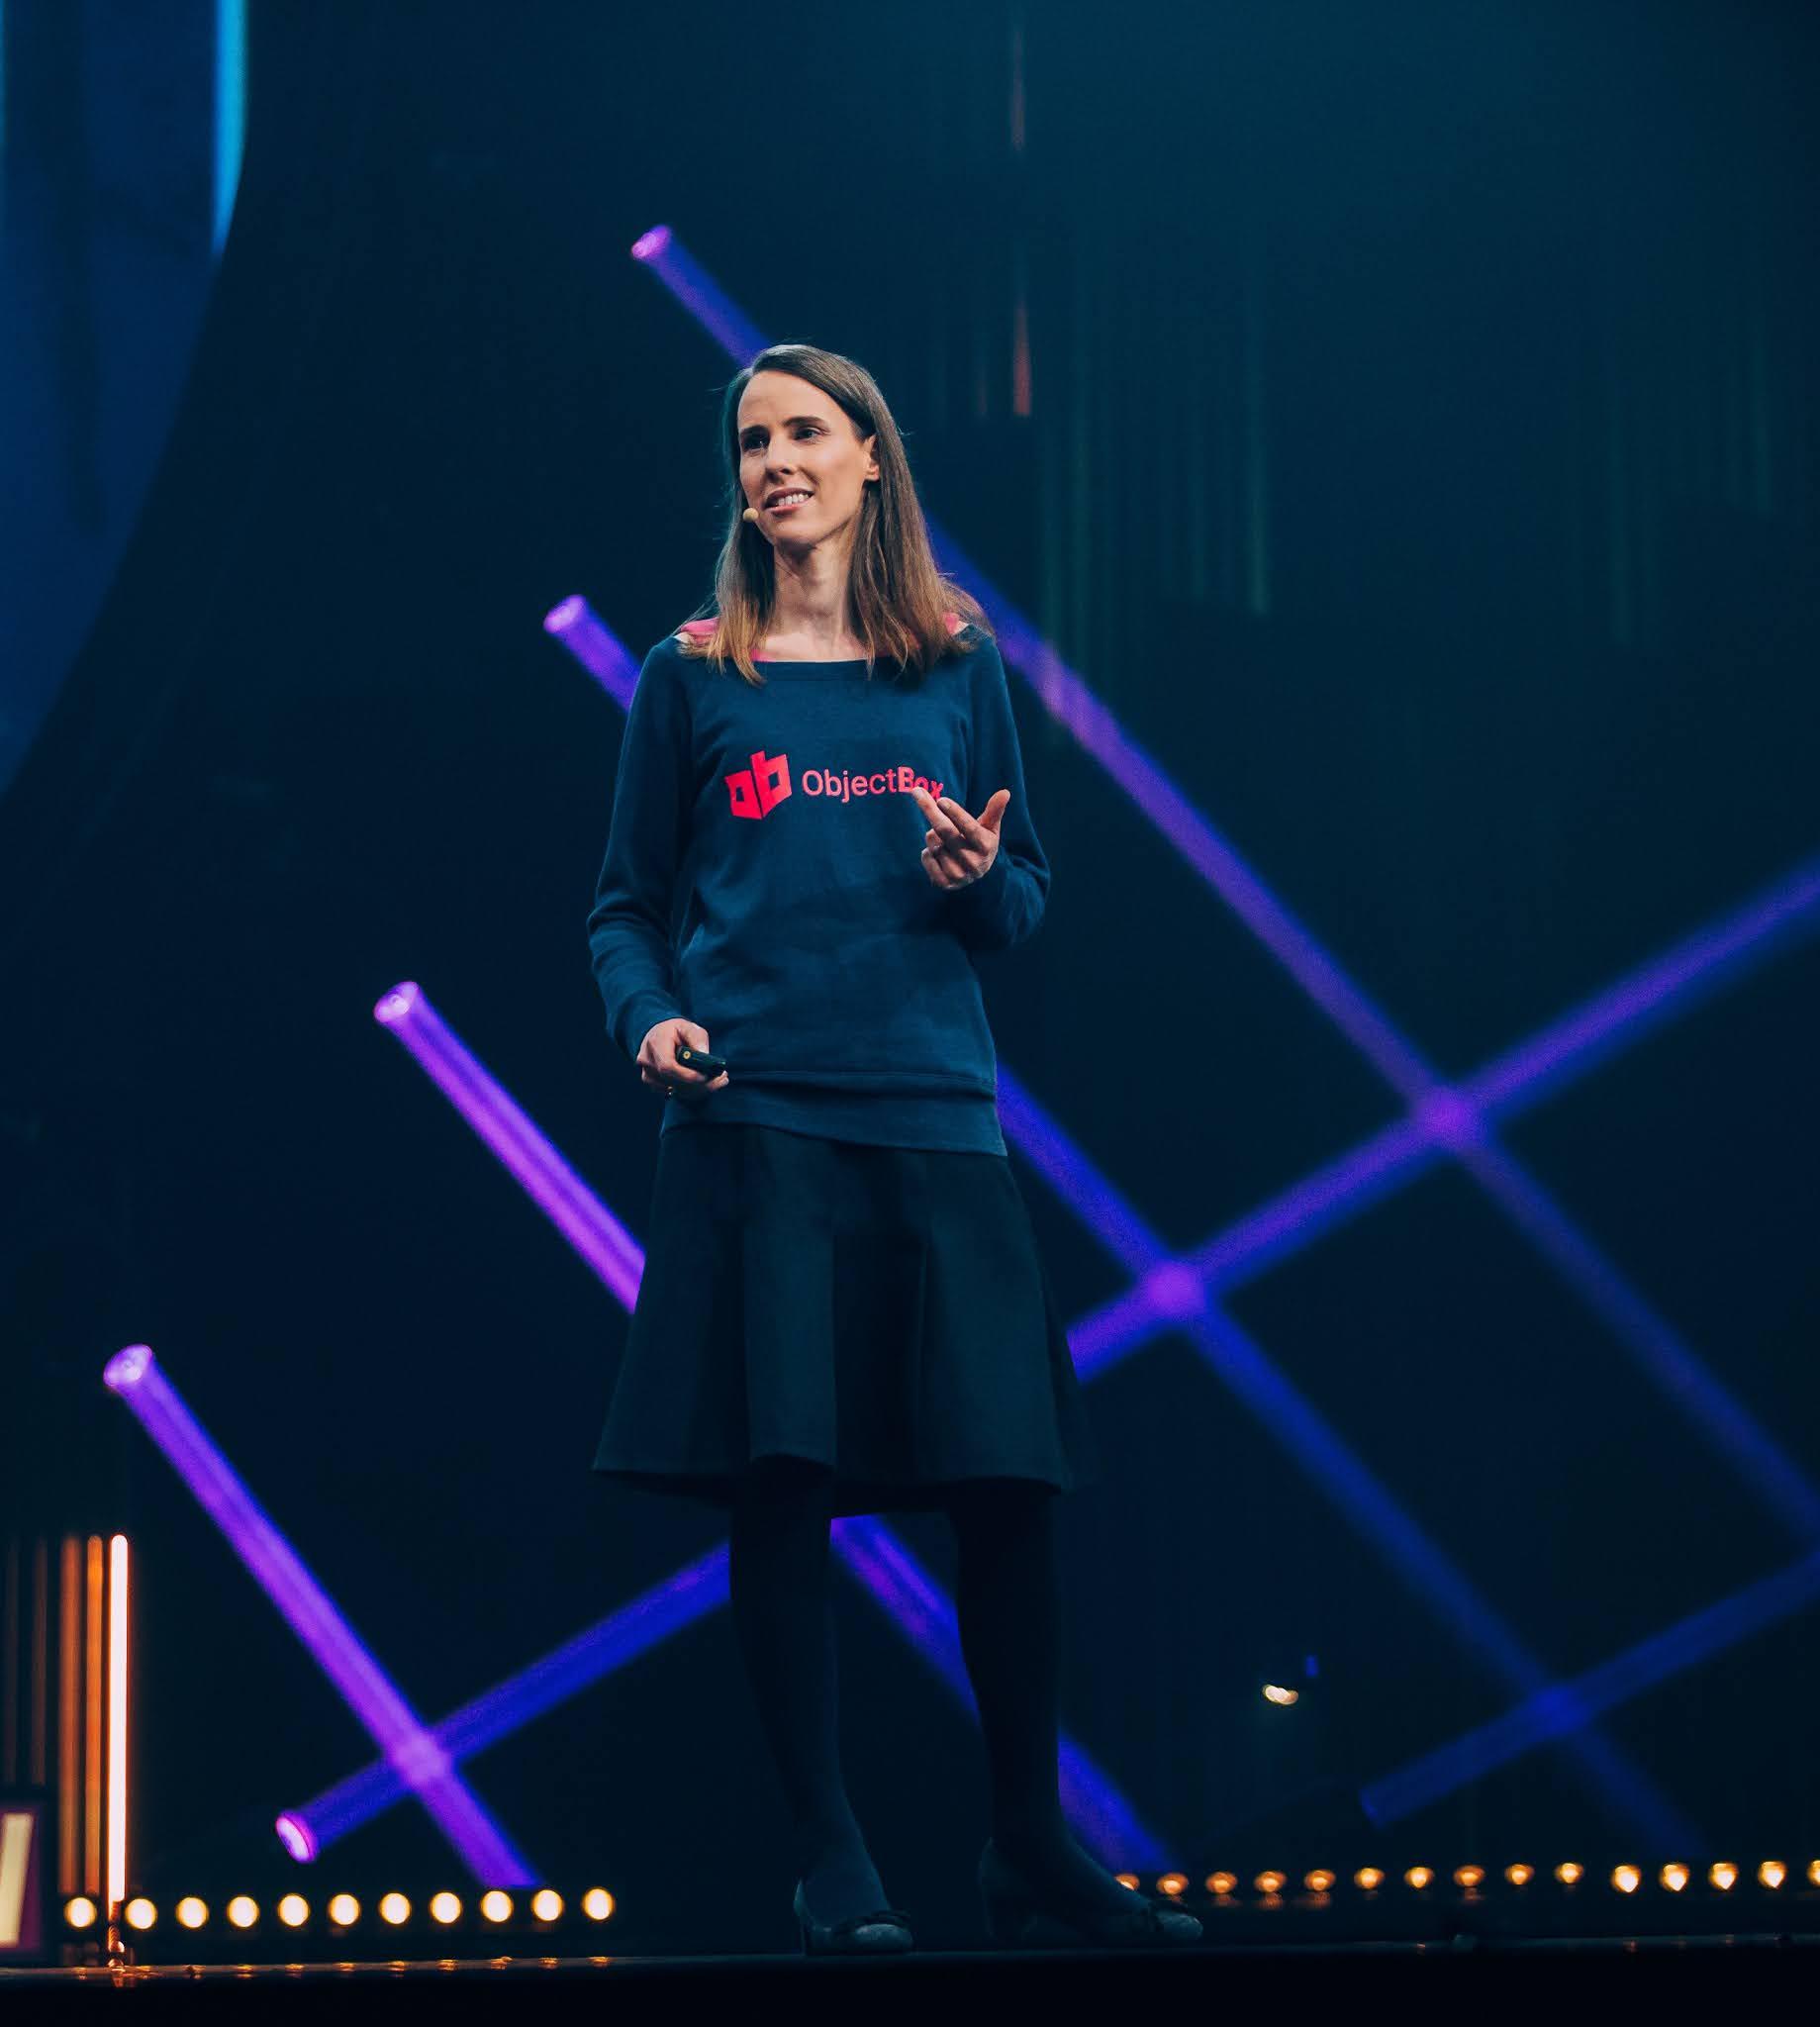 Ein Foto von Dr. Vivien Dollinger, Gründerin und CEO von ObjectBox auf einer Bühne